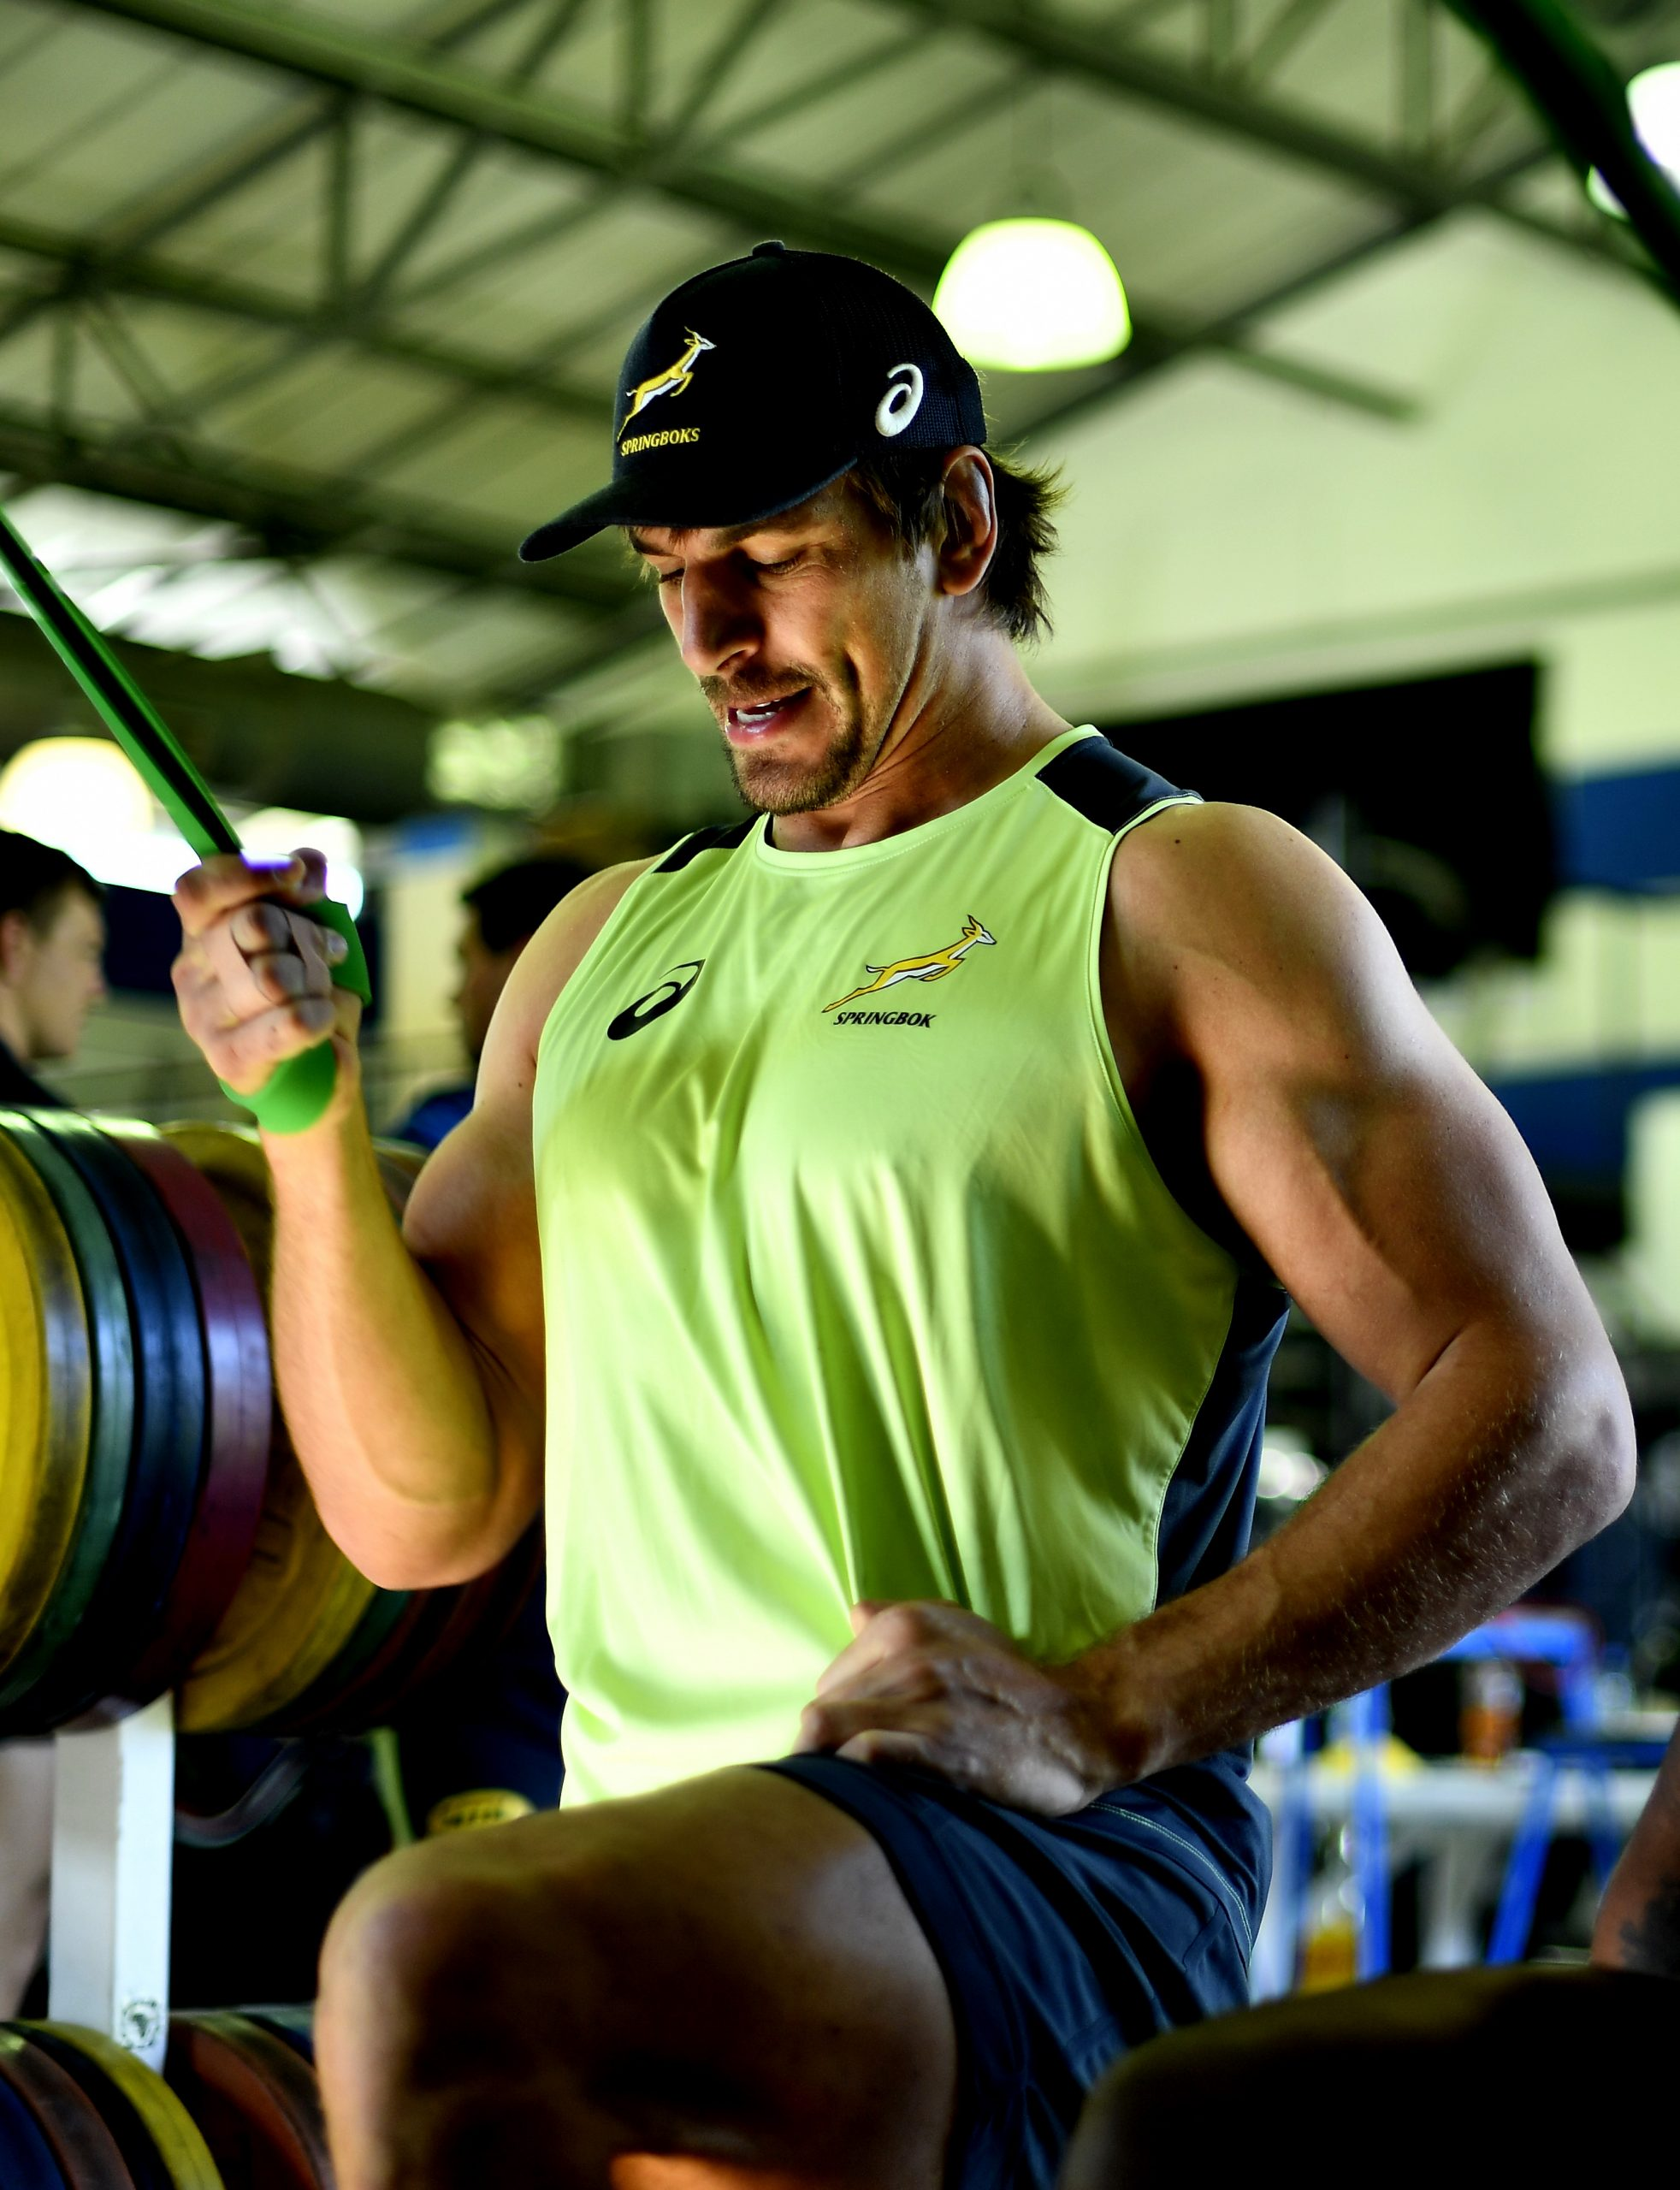 cómo hacer crecer el músculo